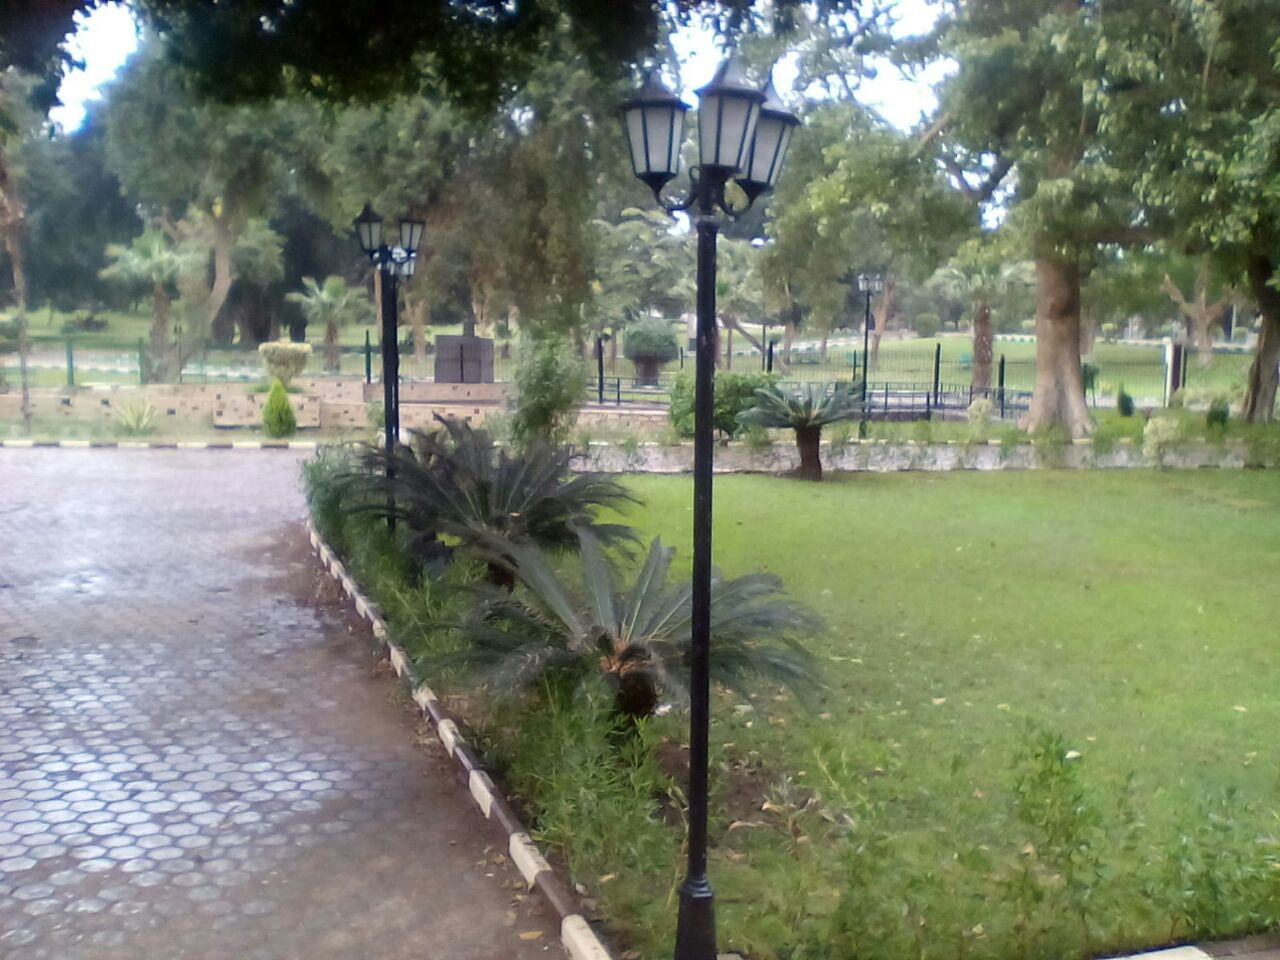 ودي فرحة بنت اسمها «جنة» بالمطر.. الأجواء في القناطر الخيرية بعد سقوط الأمطار